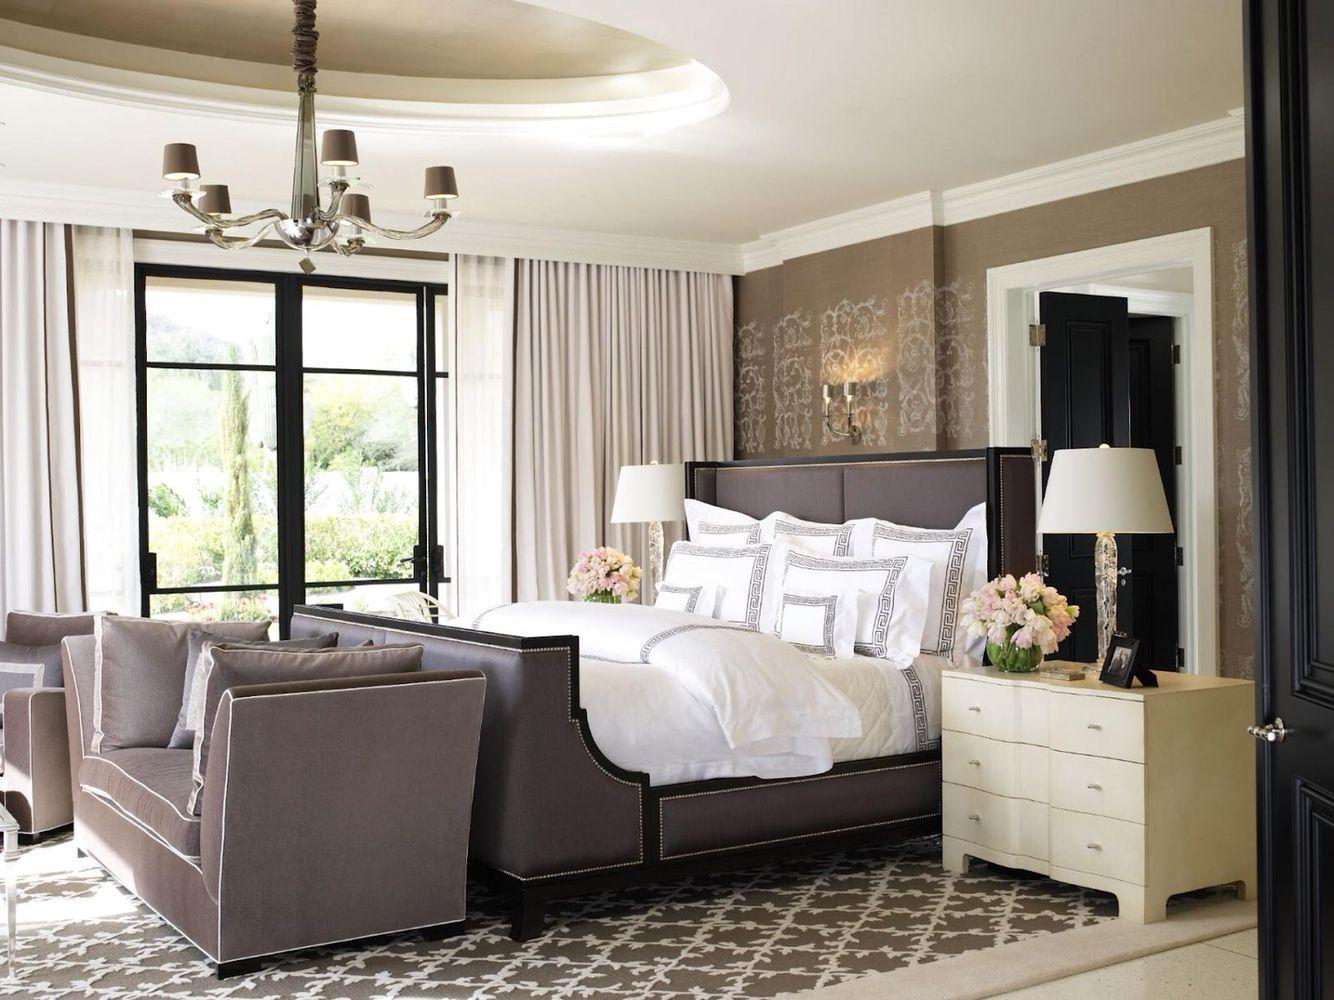 Master bedroom headboard ideas  Beautiful Master Bedroom  Bedroom Inspiration  Pinterest